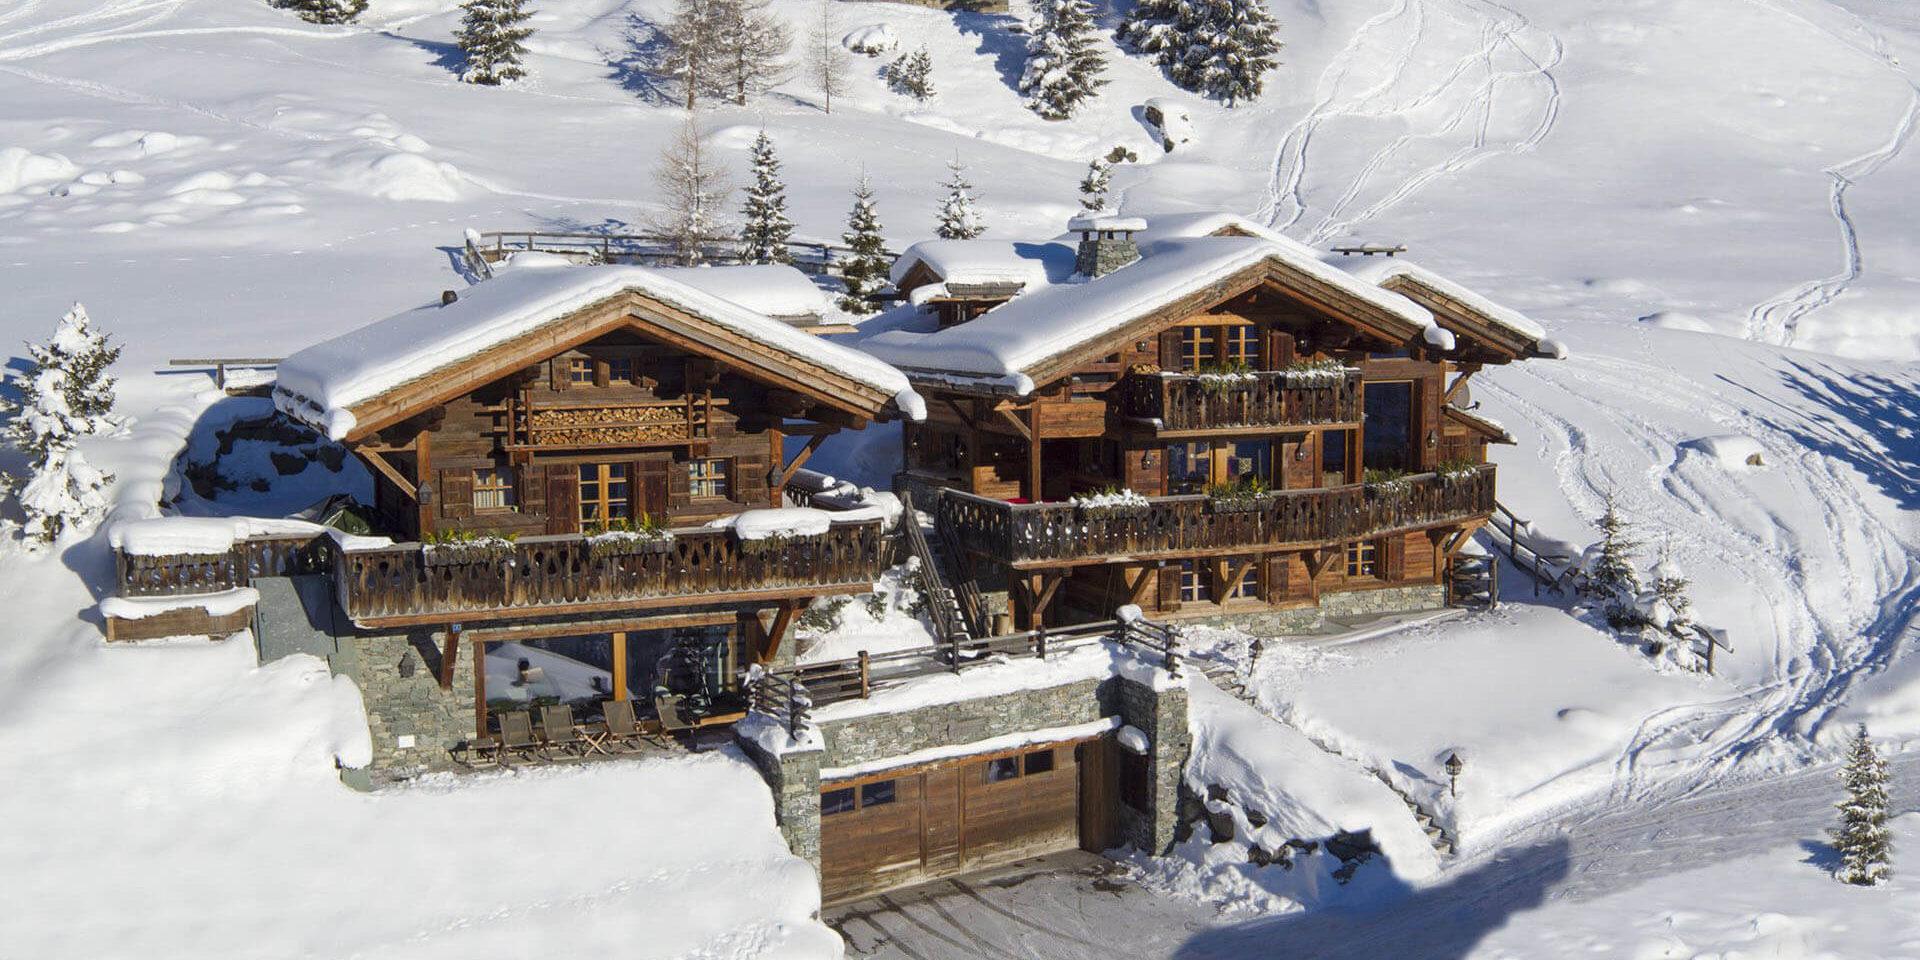 Chalet Nyumba Verbier Les 4 Vallees Zwitserland wintersport skivakantie luxe voorkant chalet garage terras ligstoelen sneeuw bomen